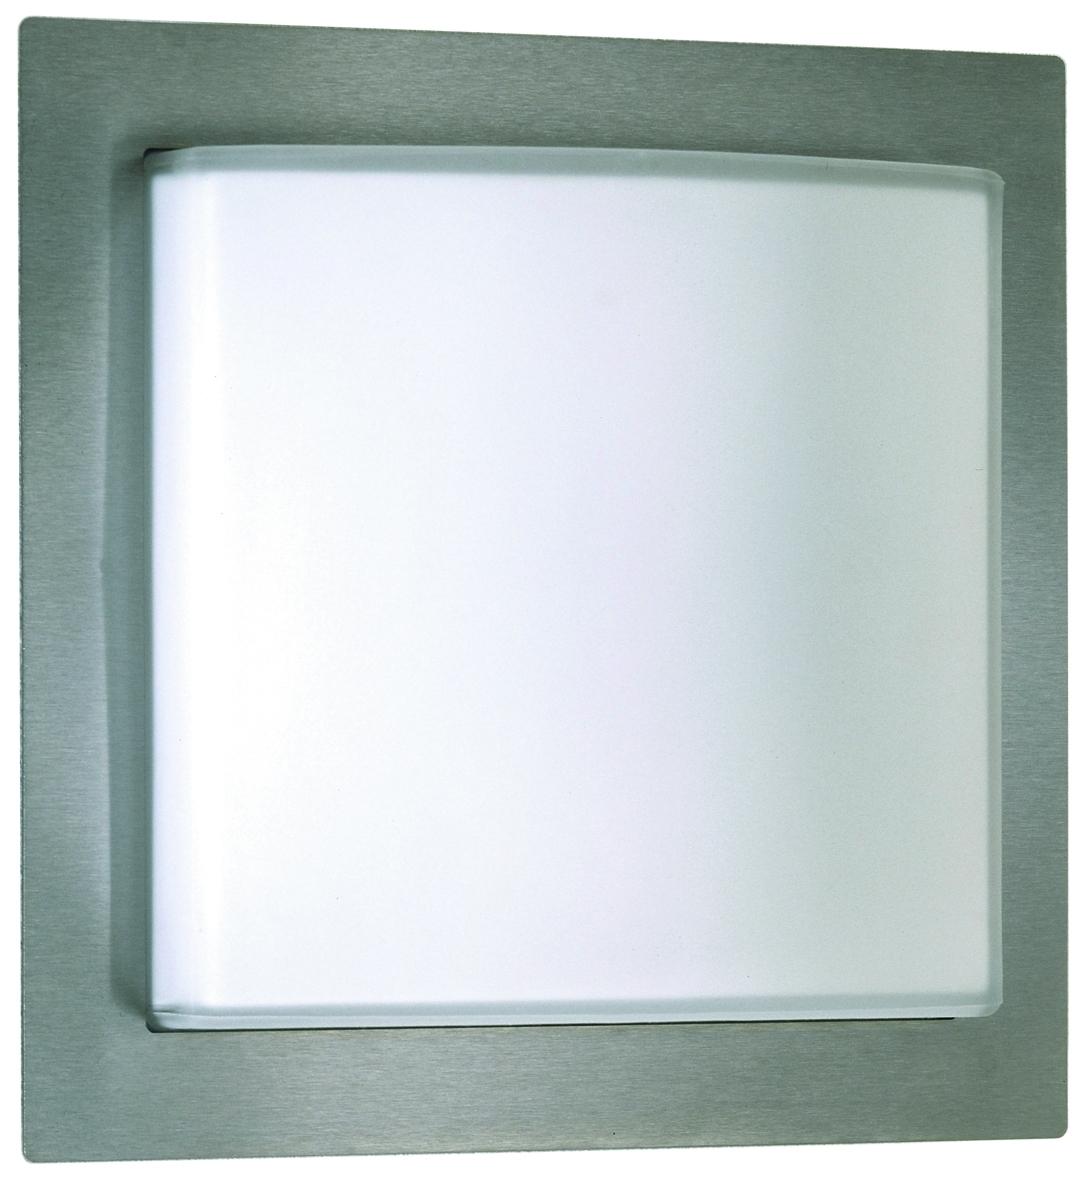 Albert Außenwandleuchte Illuminas, Metallisch/weiß, Aluminium/Edelstahl/Glas/Opalglas, 696205